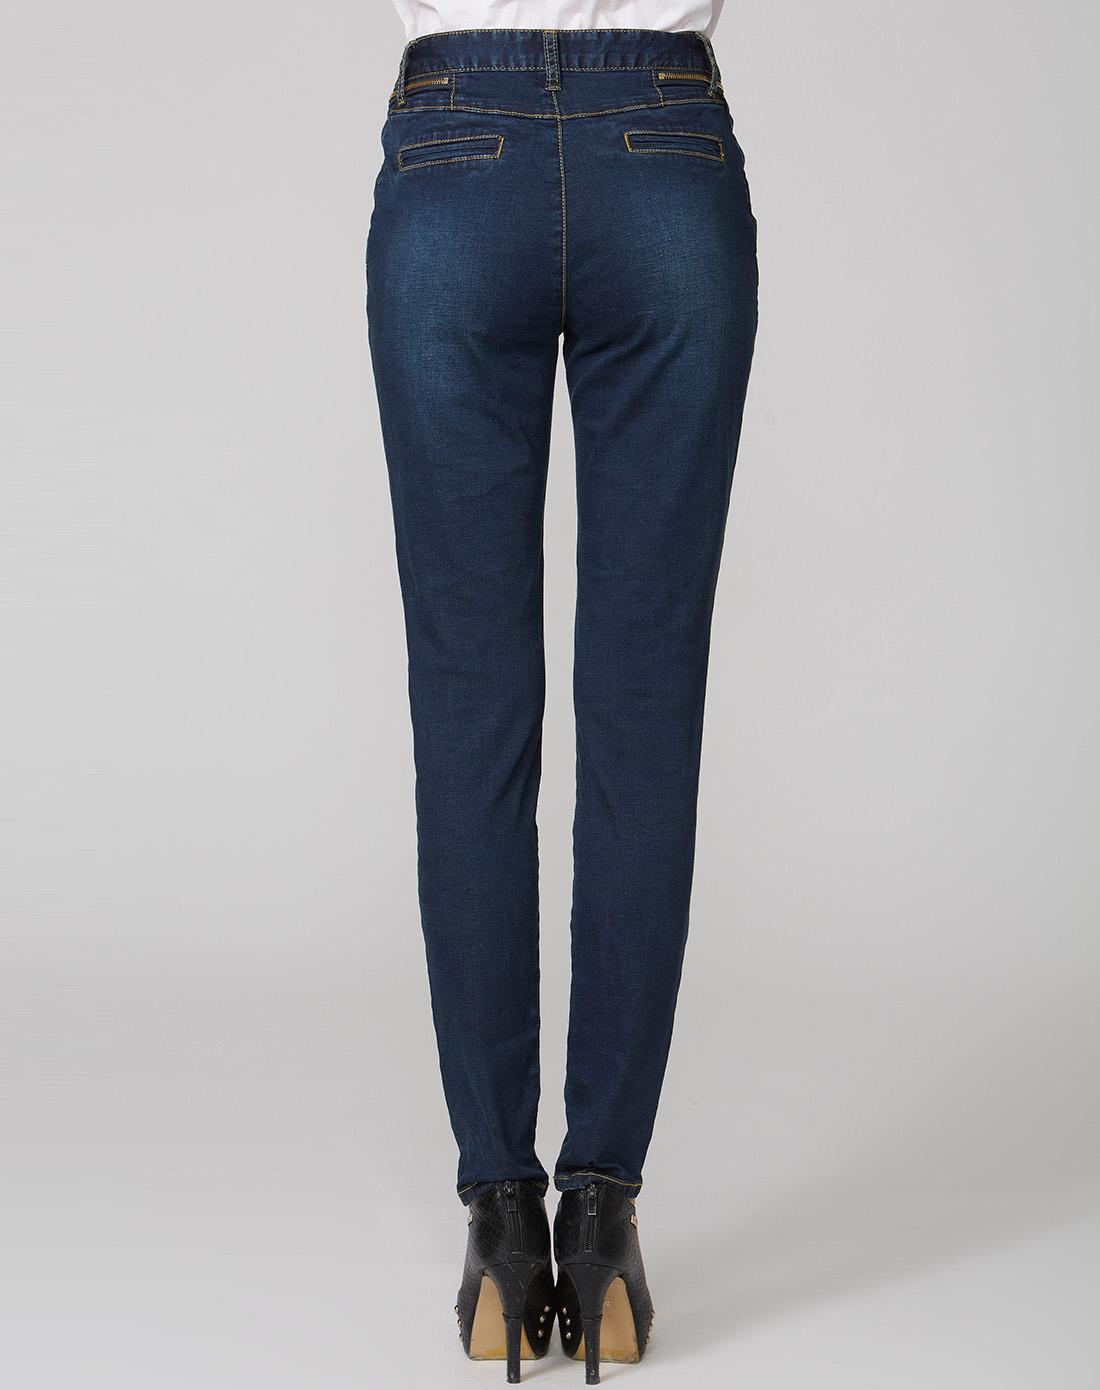 蓝色拉链装饰牛仔裤